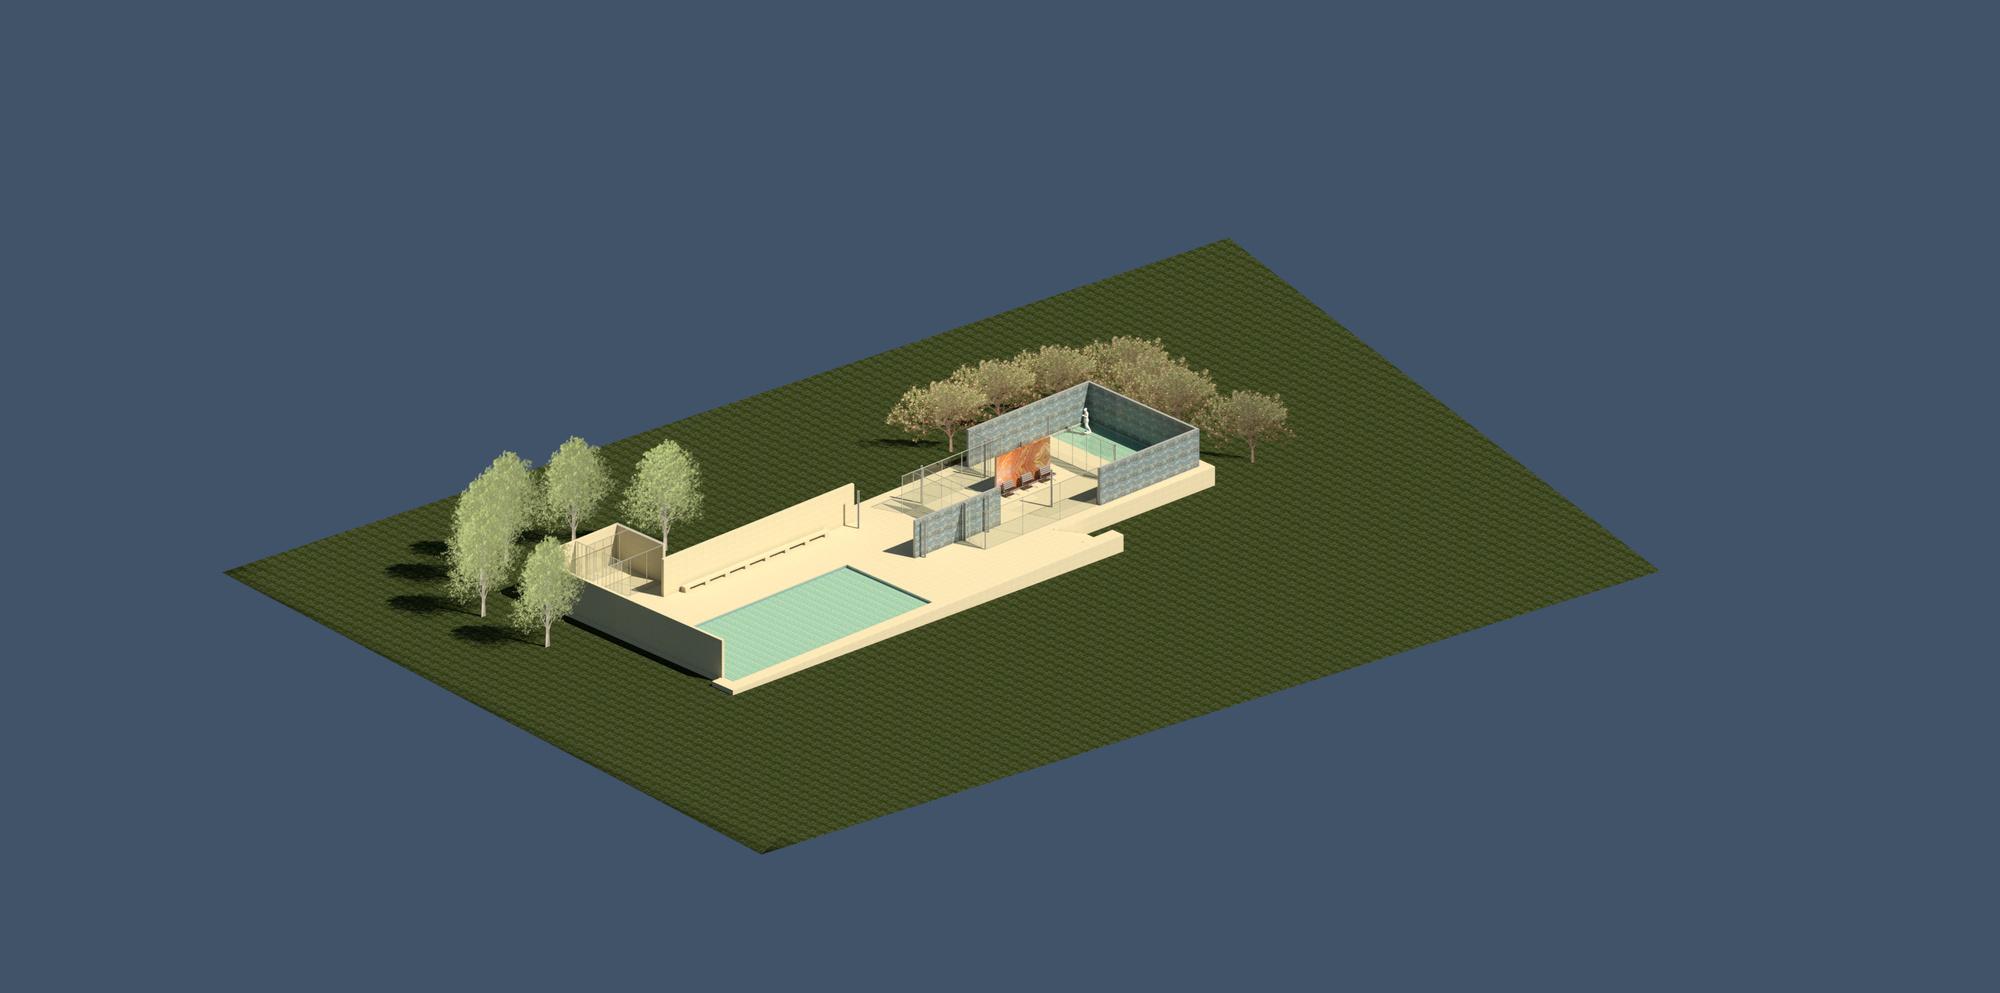 Raas-rendering20150312-28201-yklcv7